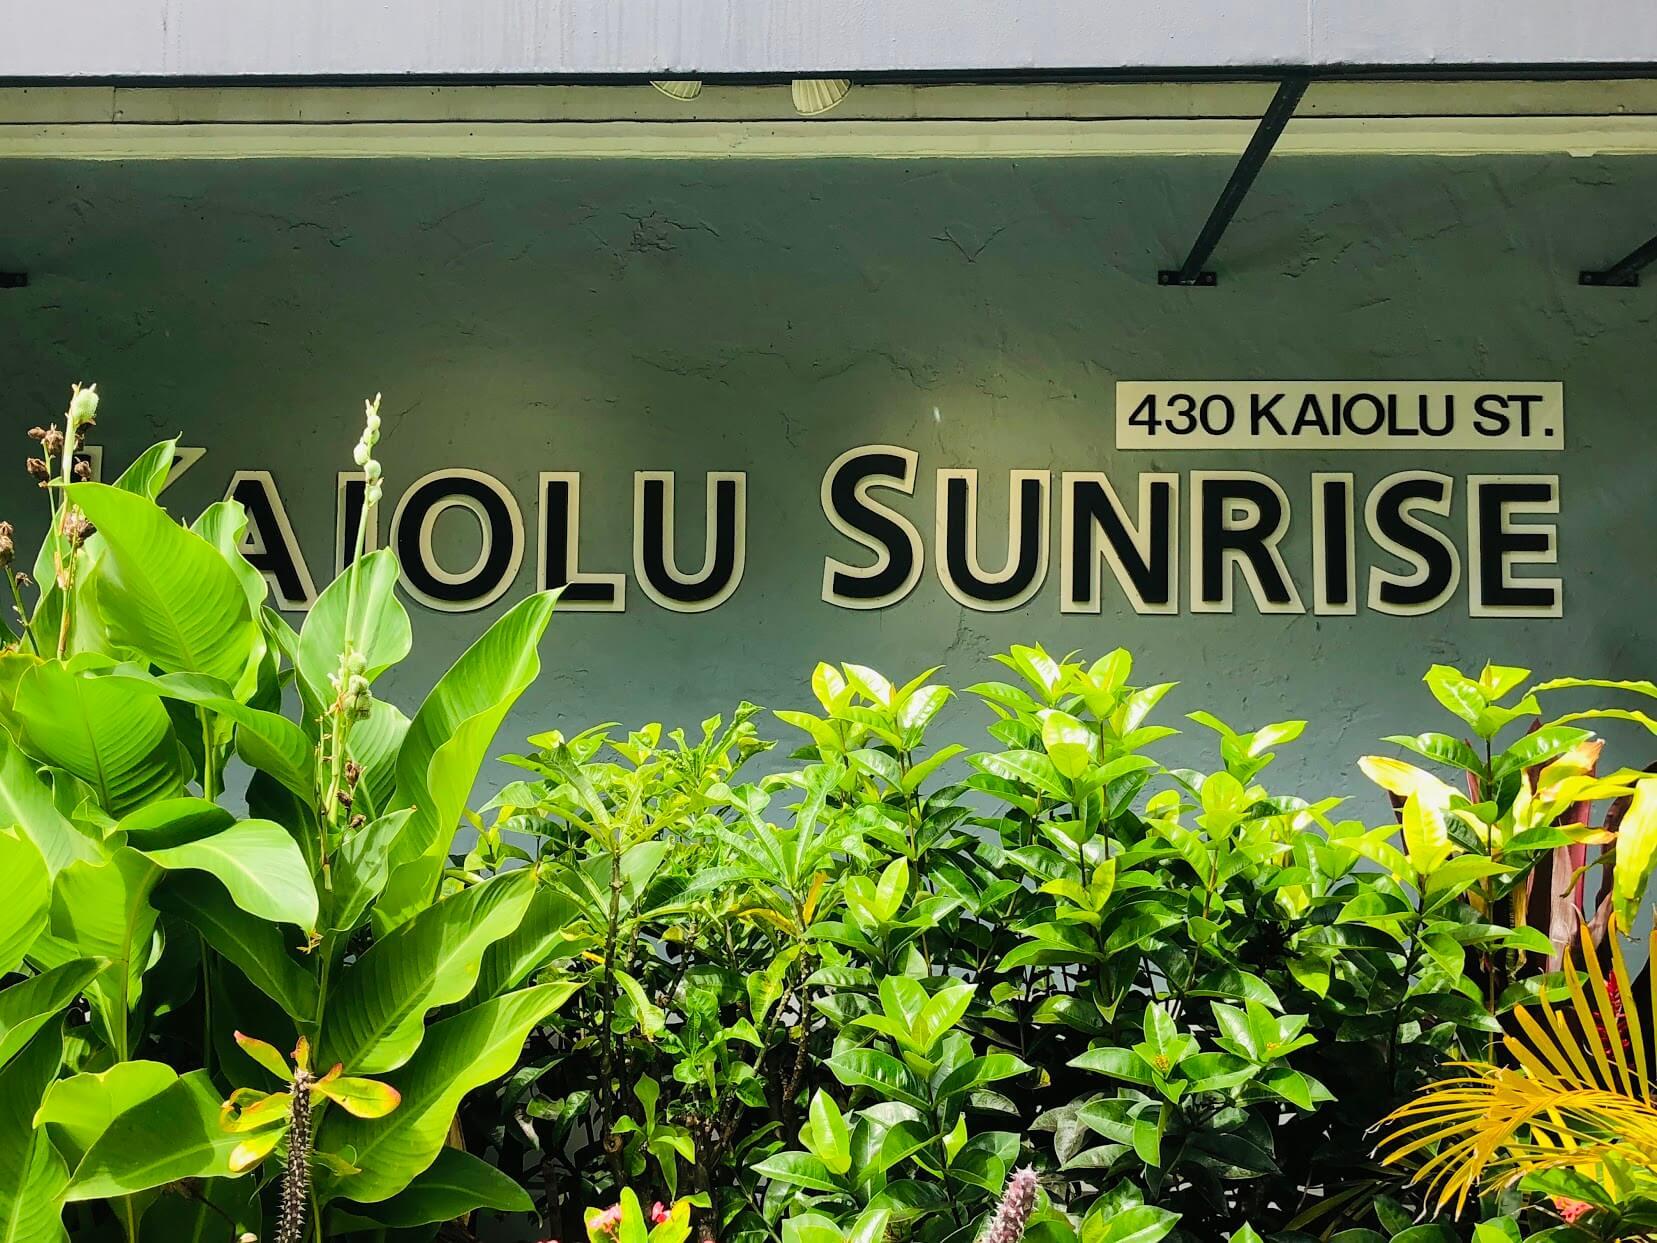 Kaiolu Sunriseの看板